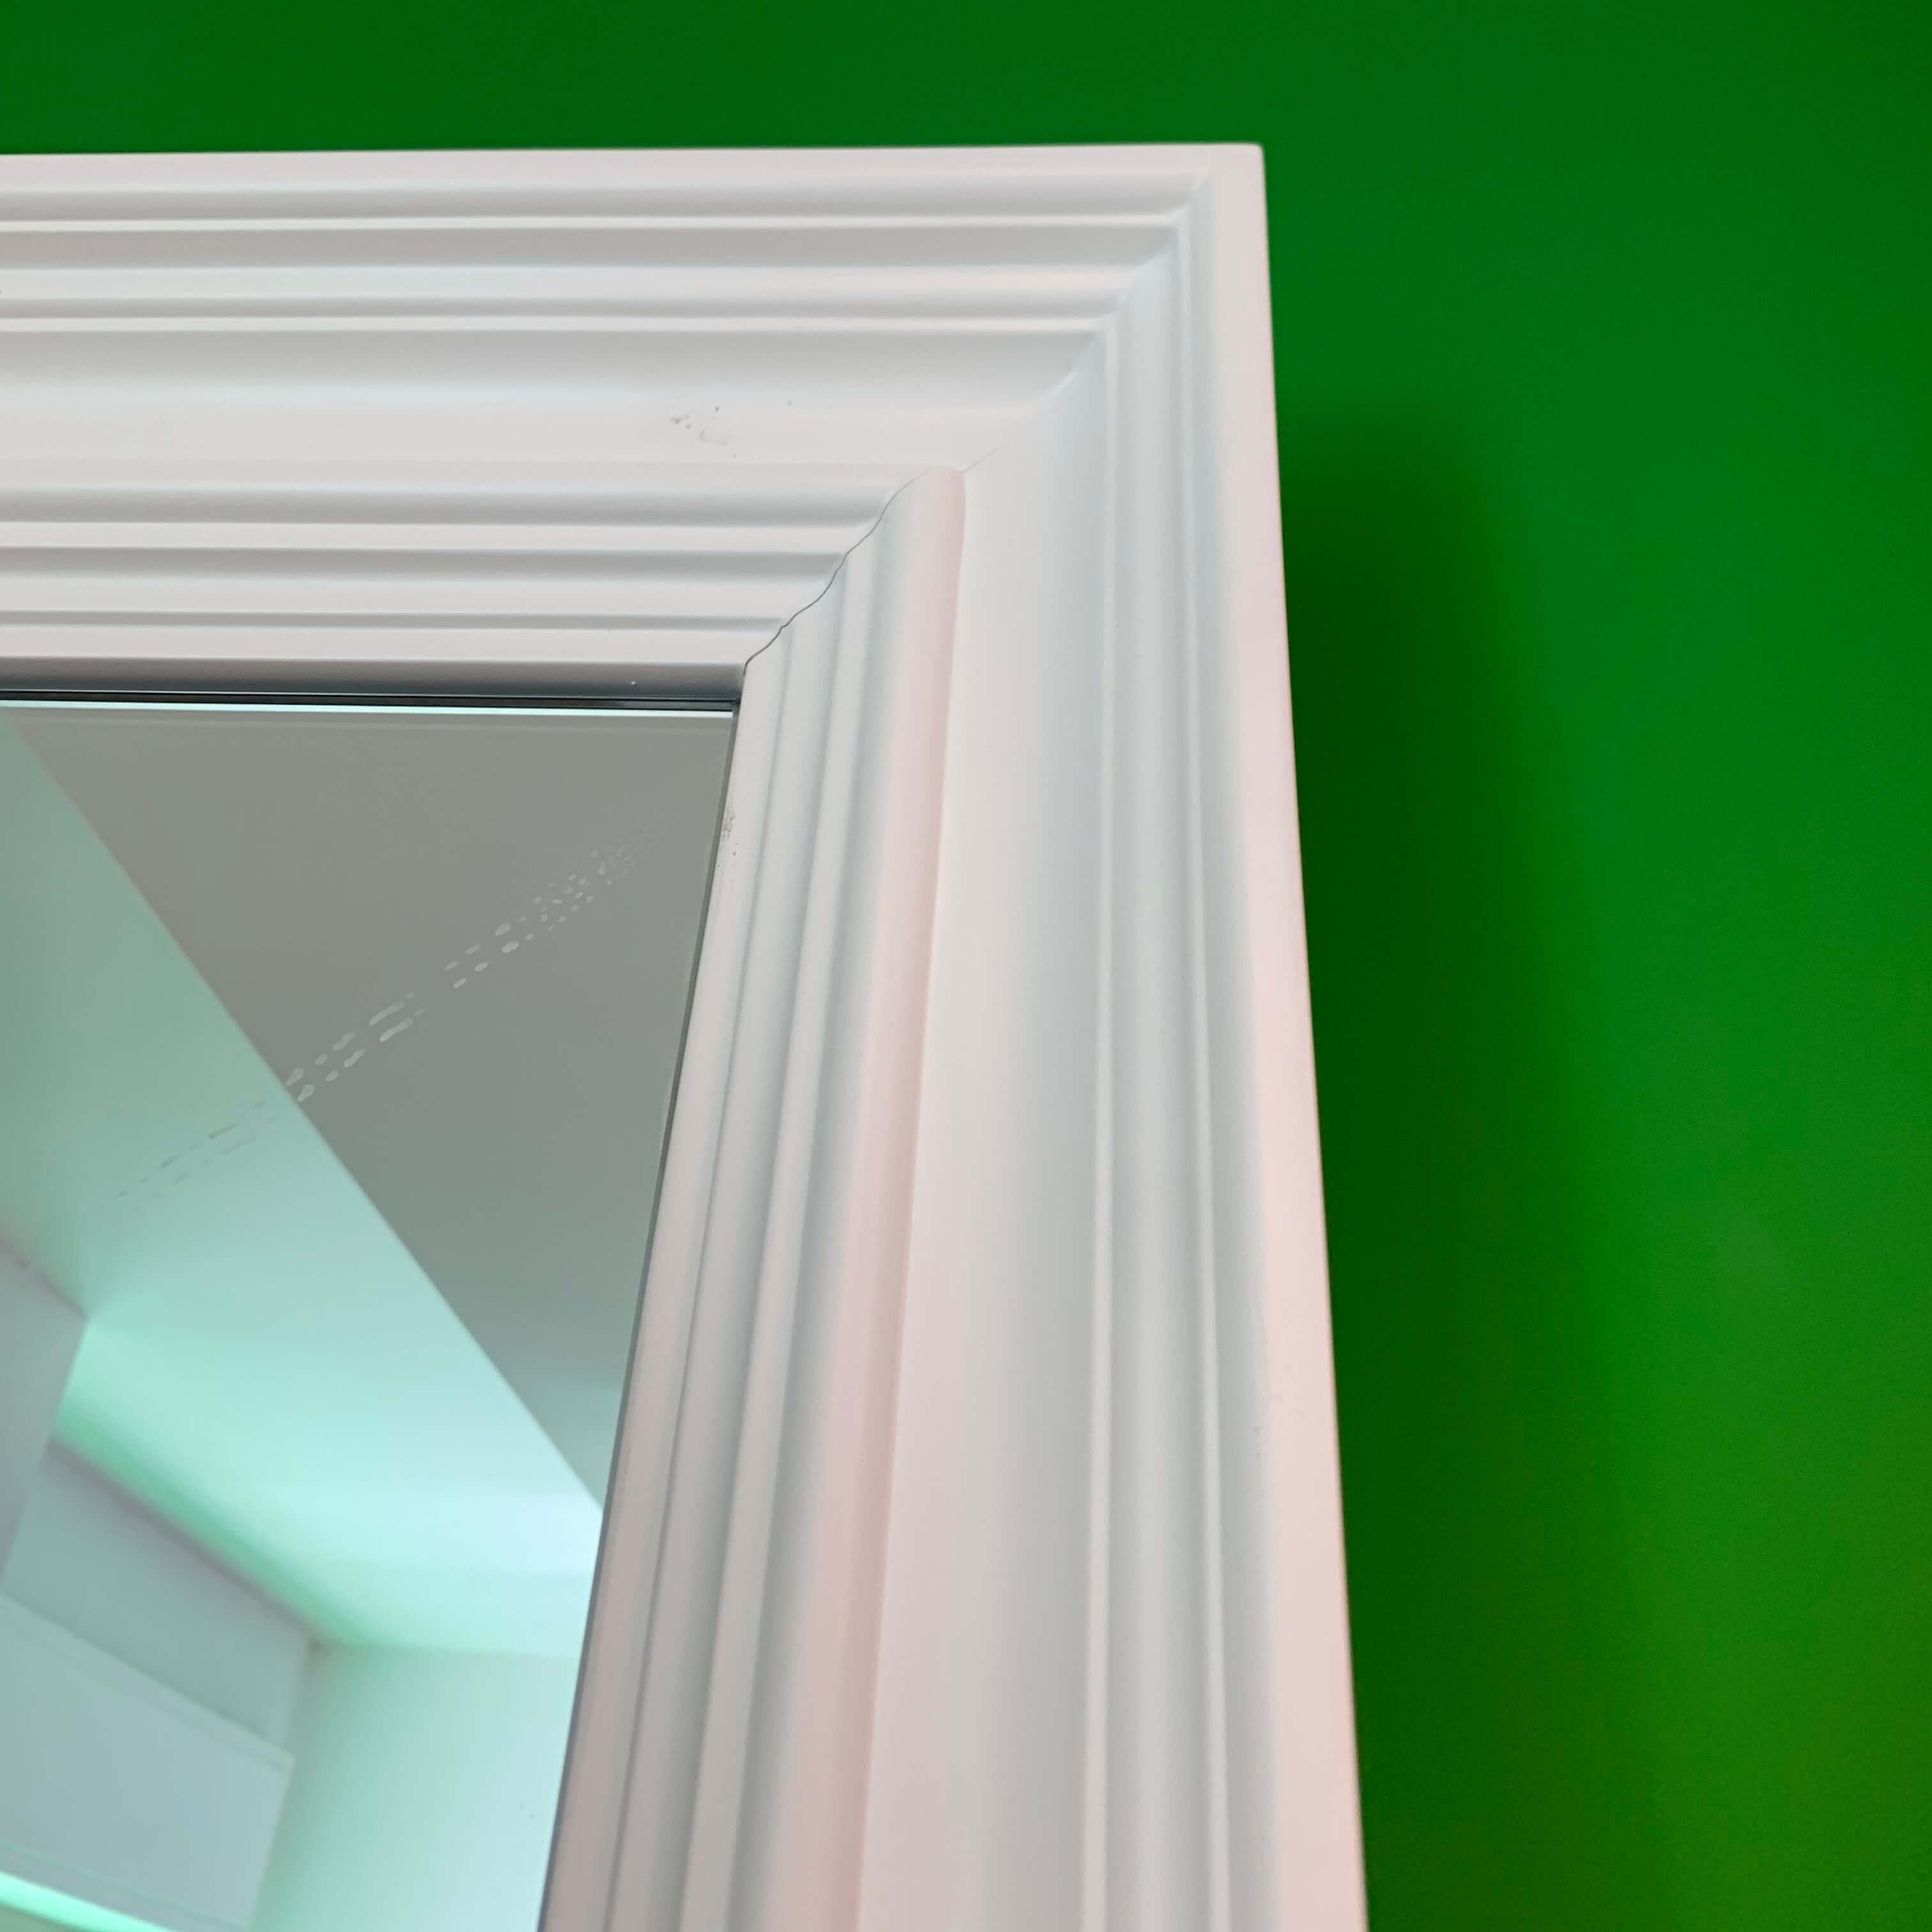 external sliding door with mirror